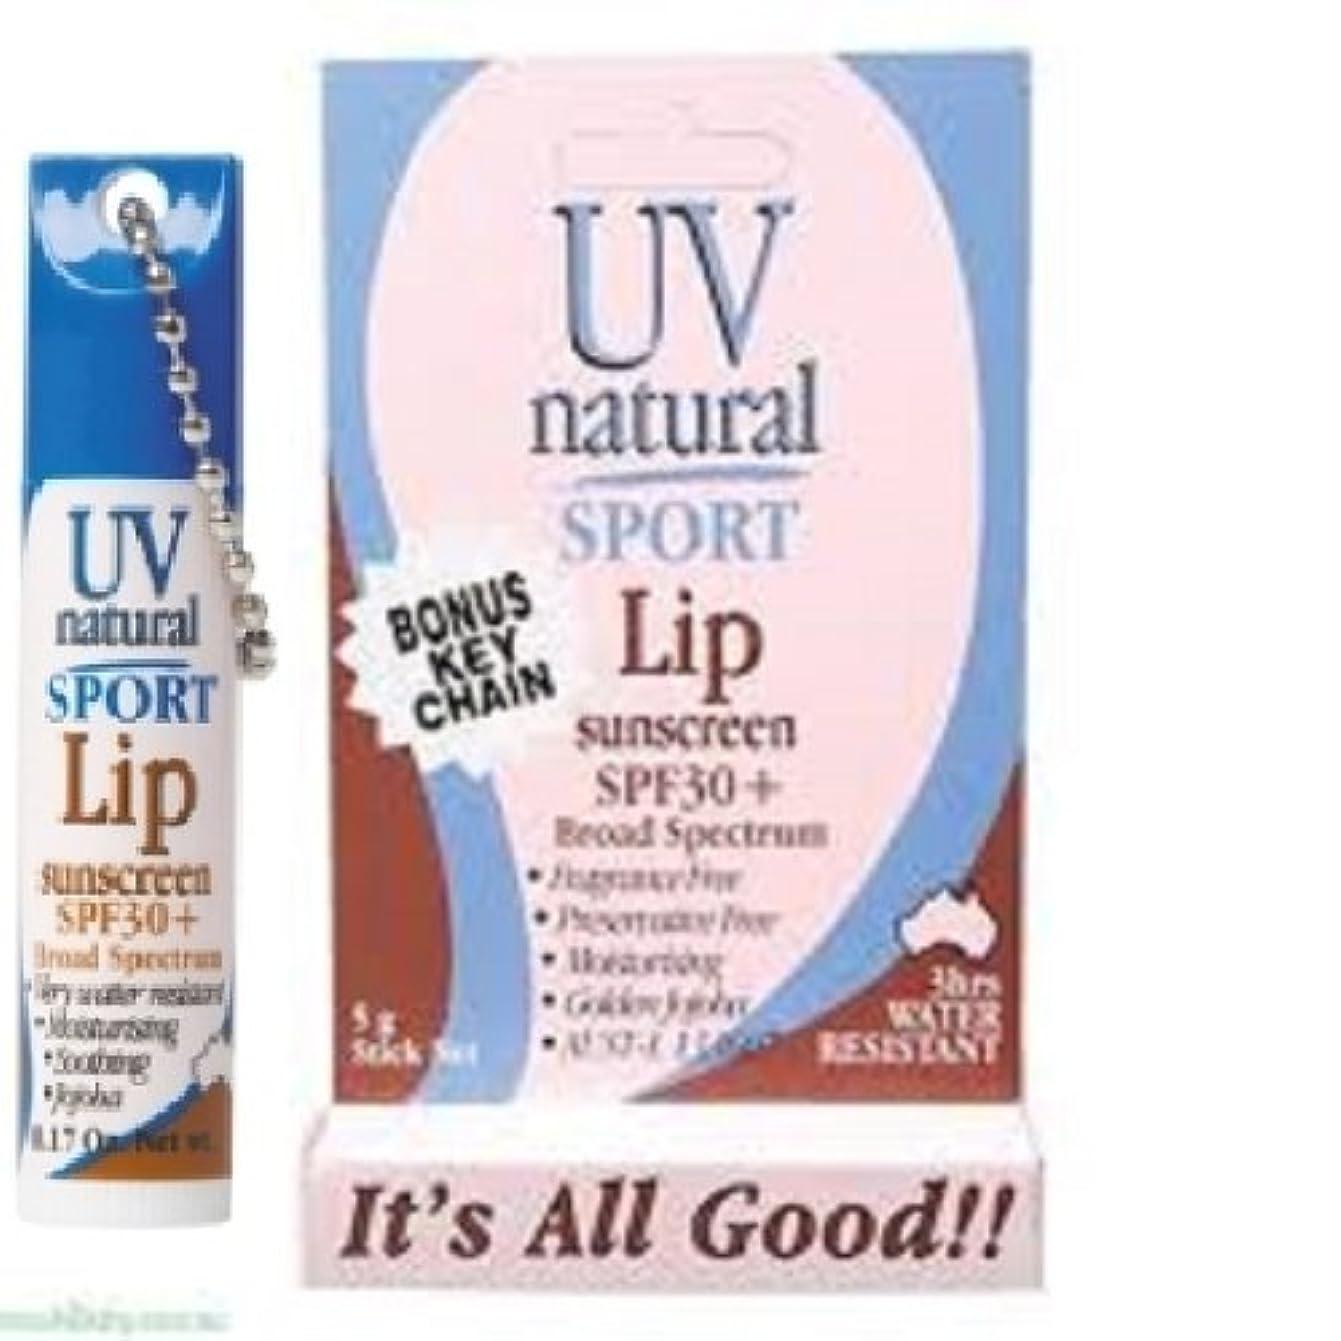 アレイ土曜日平手打ち【UV NATURAL】Lip Sunscreen 日焼け止め Sport SPF30+ 5g 3本セット